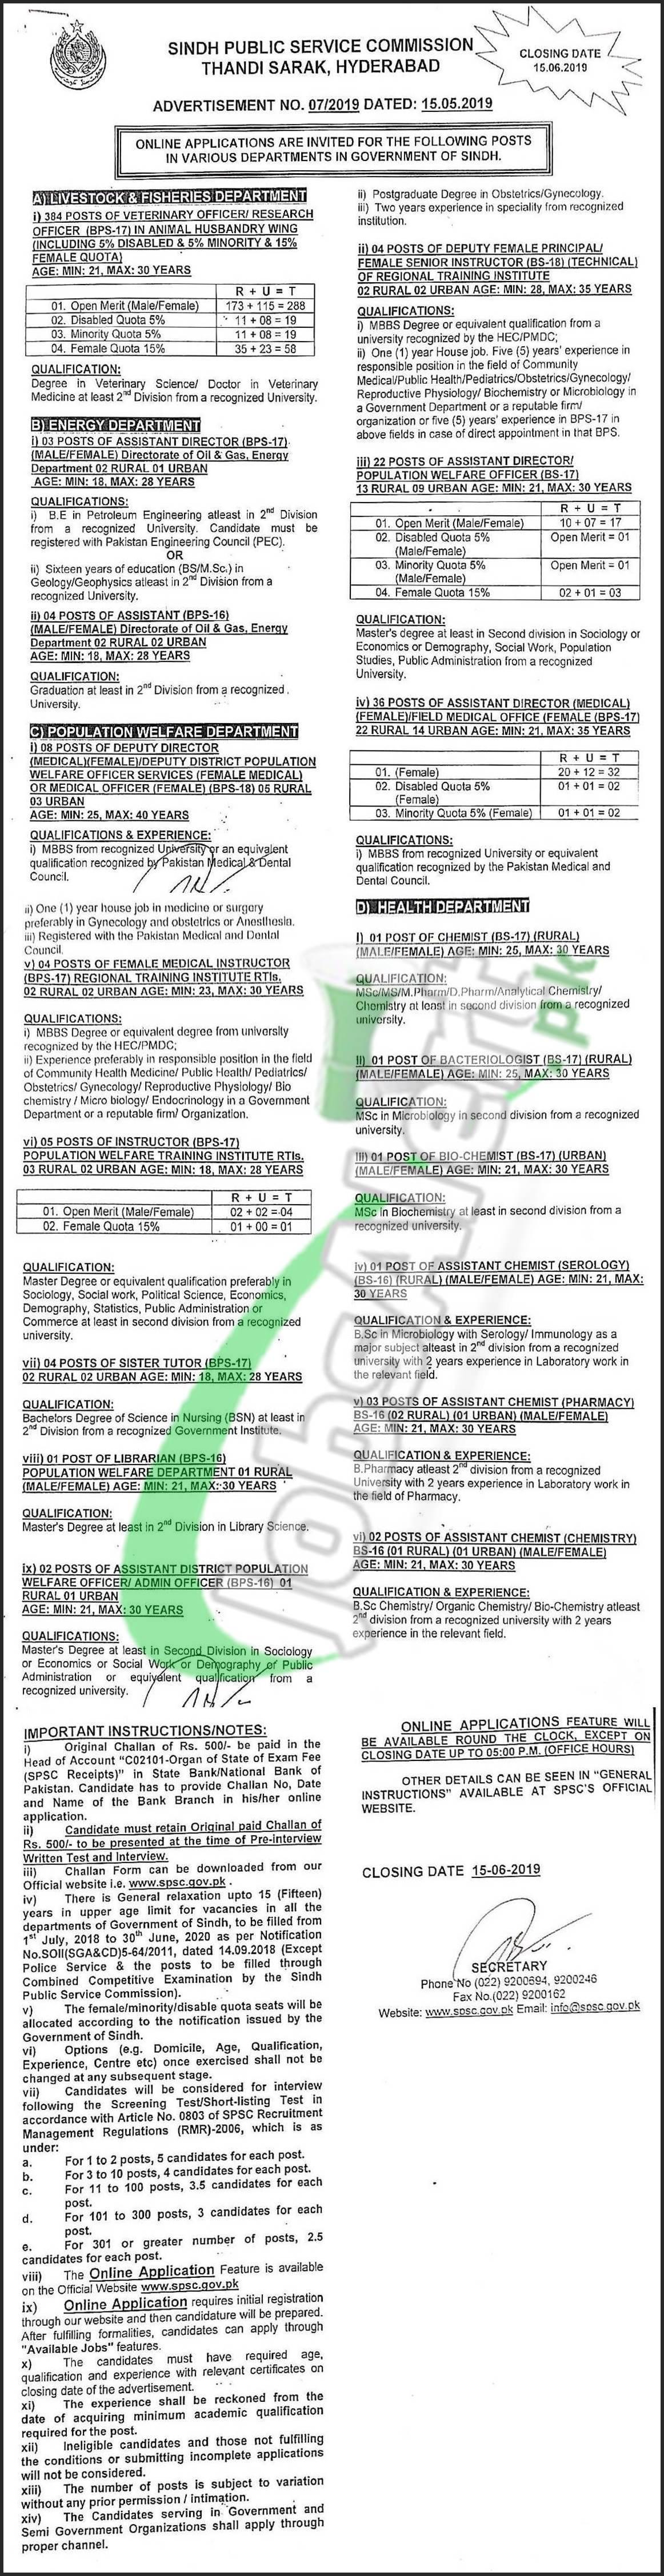 SPSC Jobs 2019